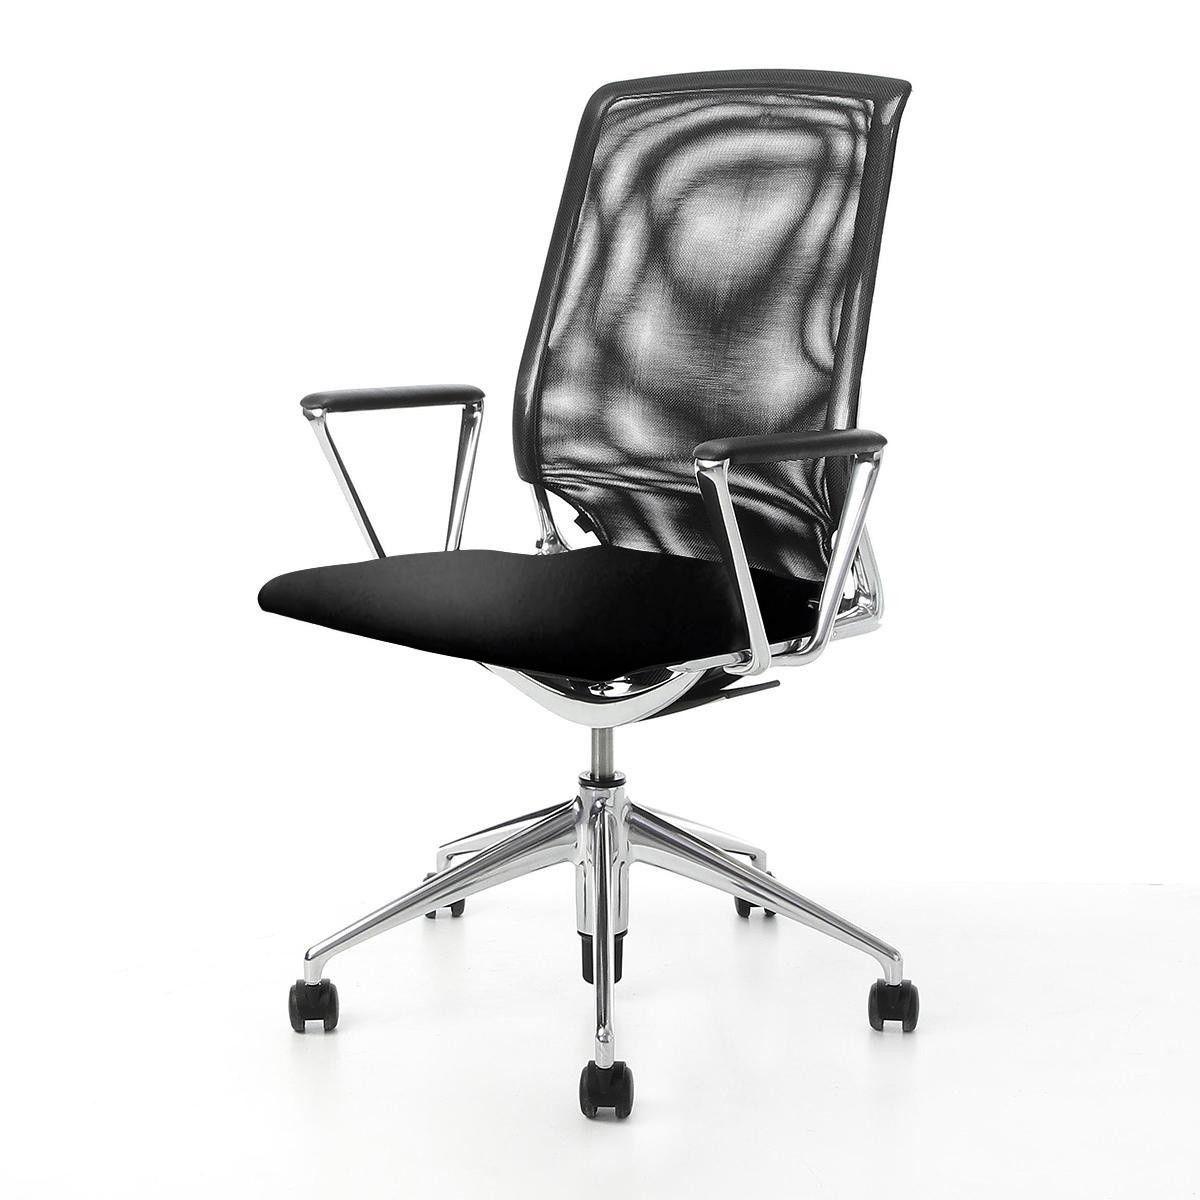 Vitra meda chair chaise de bureau vitra - Chaise de bureau reglable en hauteur ...